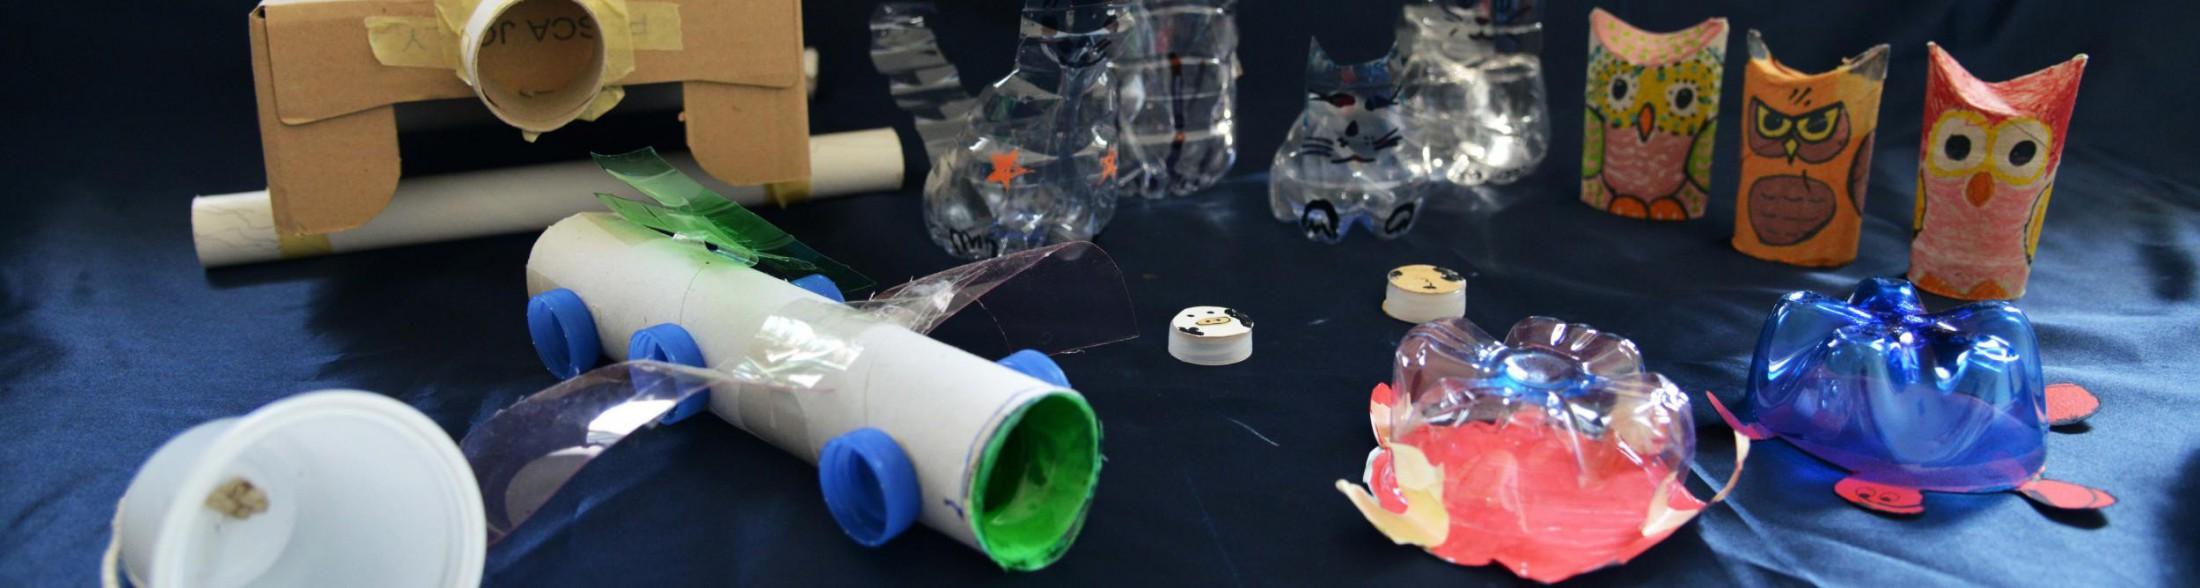 Laboratori didattici per l'infanzia